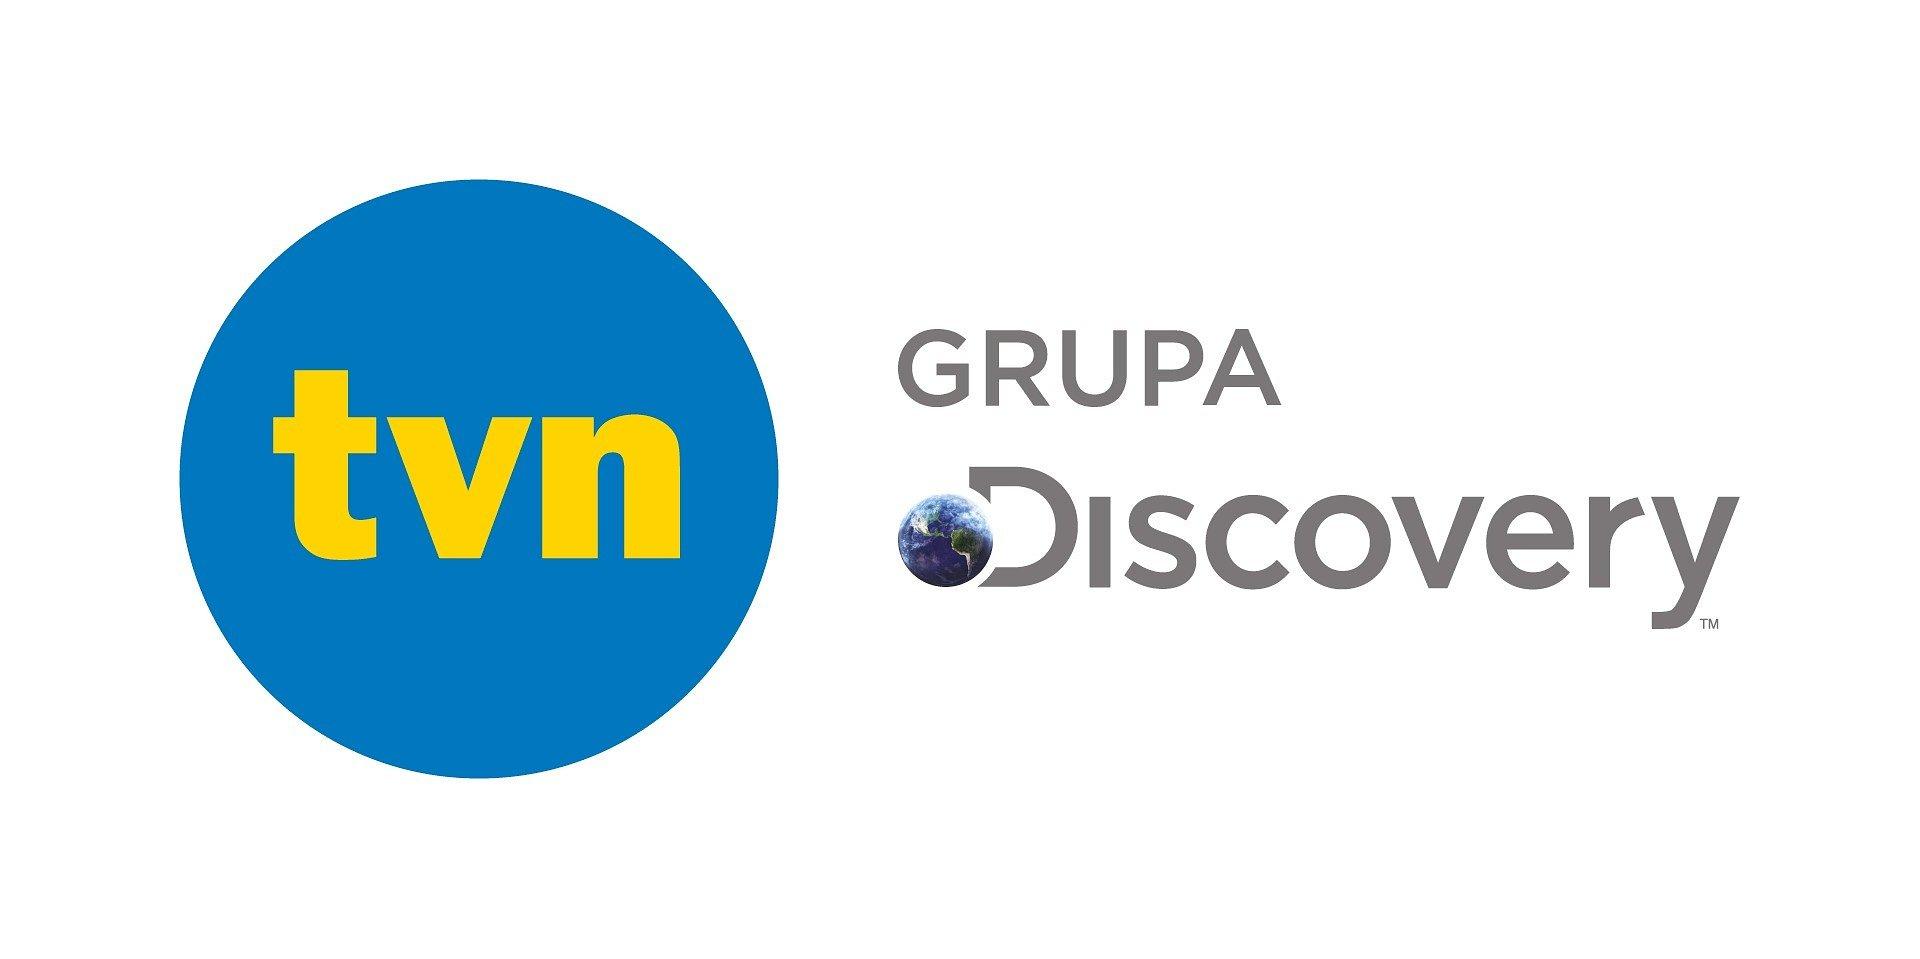 TVN Grupa Discovery liderem rynku w maju